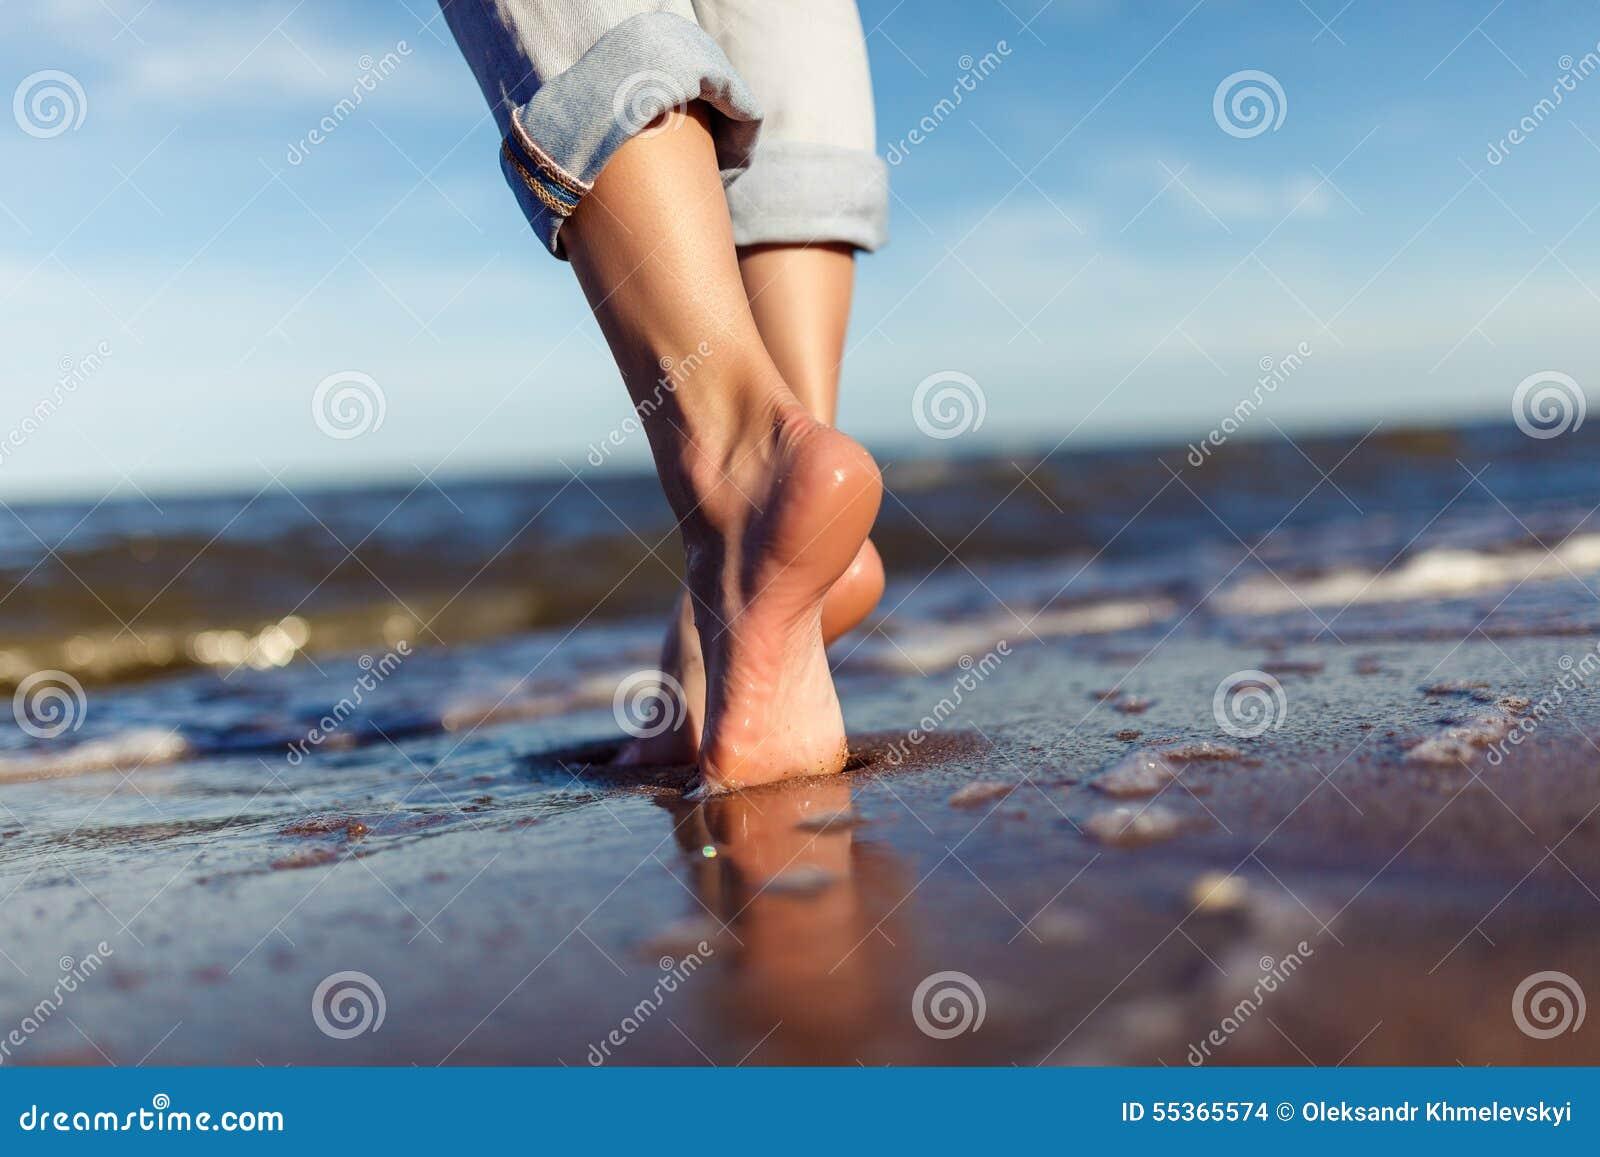 Piedi della donna nelle onde del mare